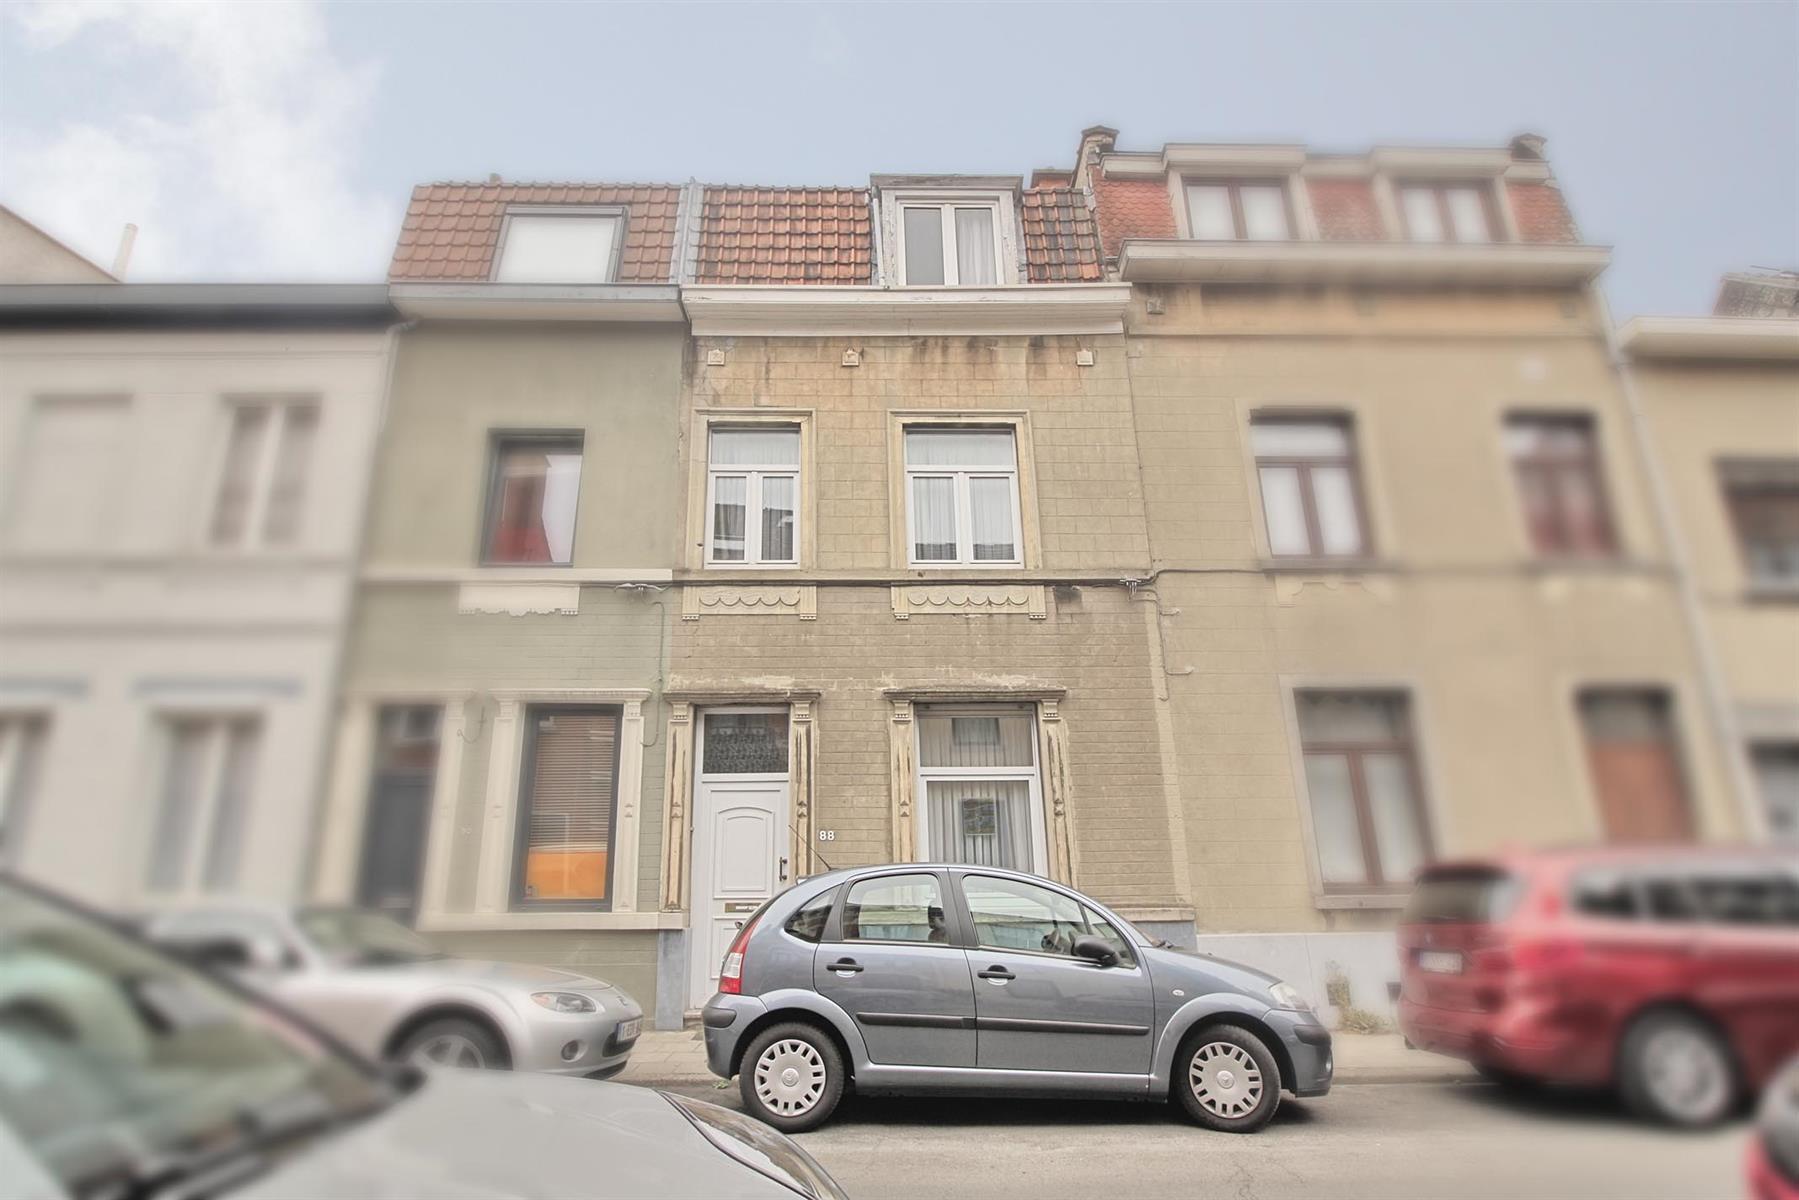 Maison unifamiliale - Woluwe-Saint-Lambert - #4106876-0